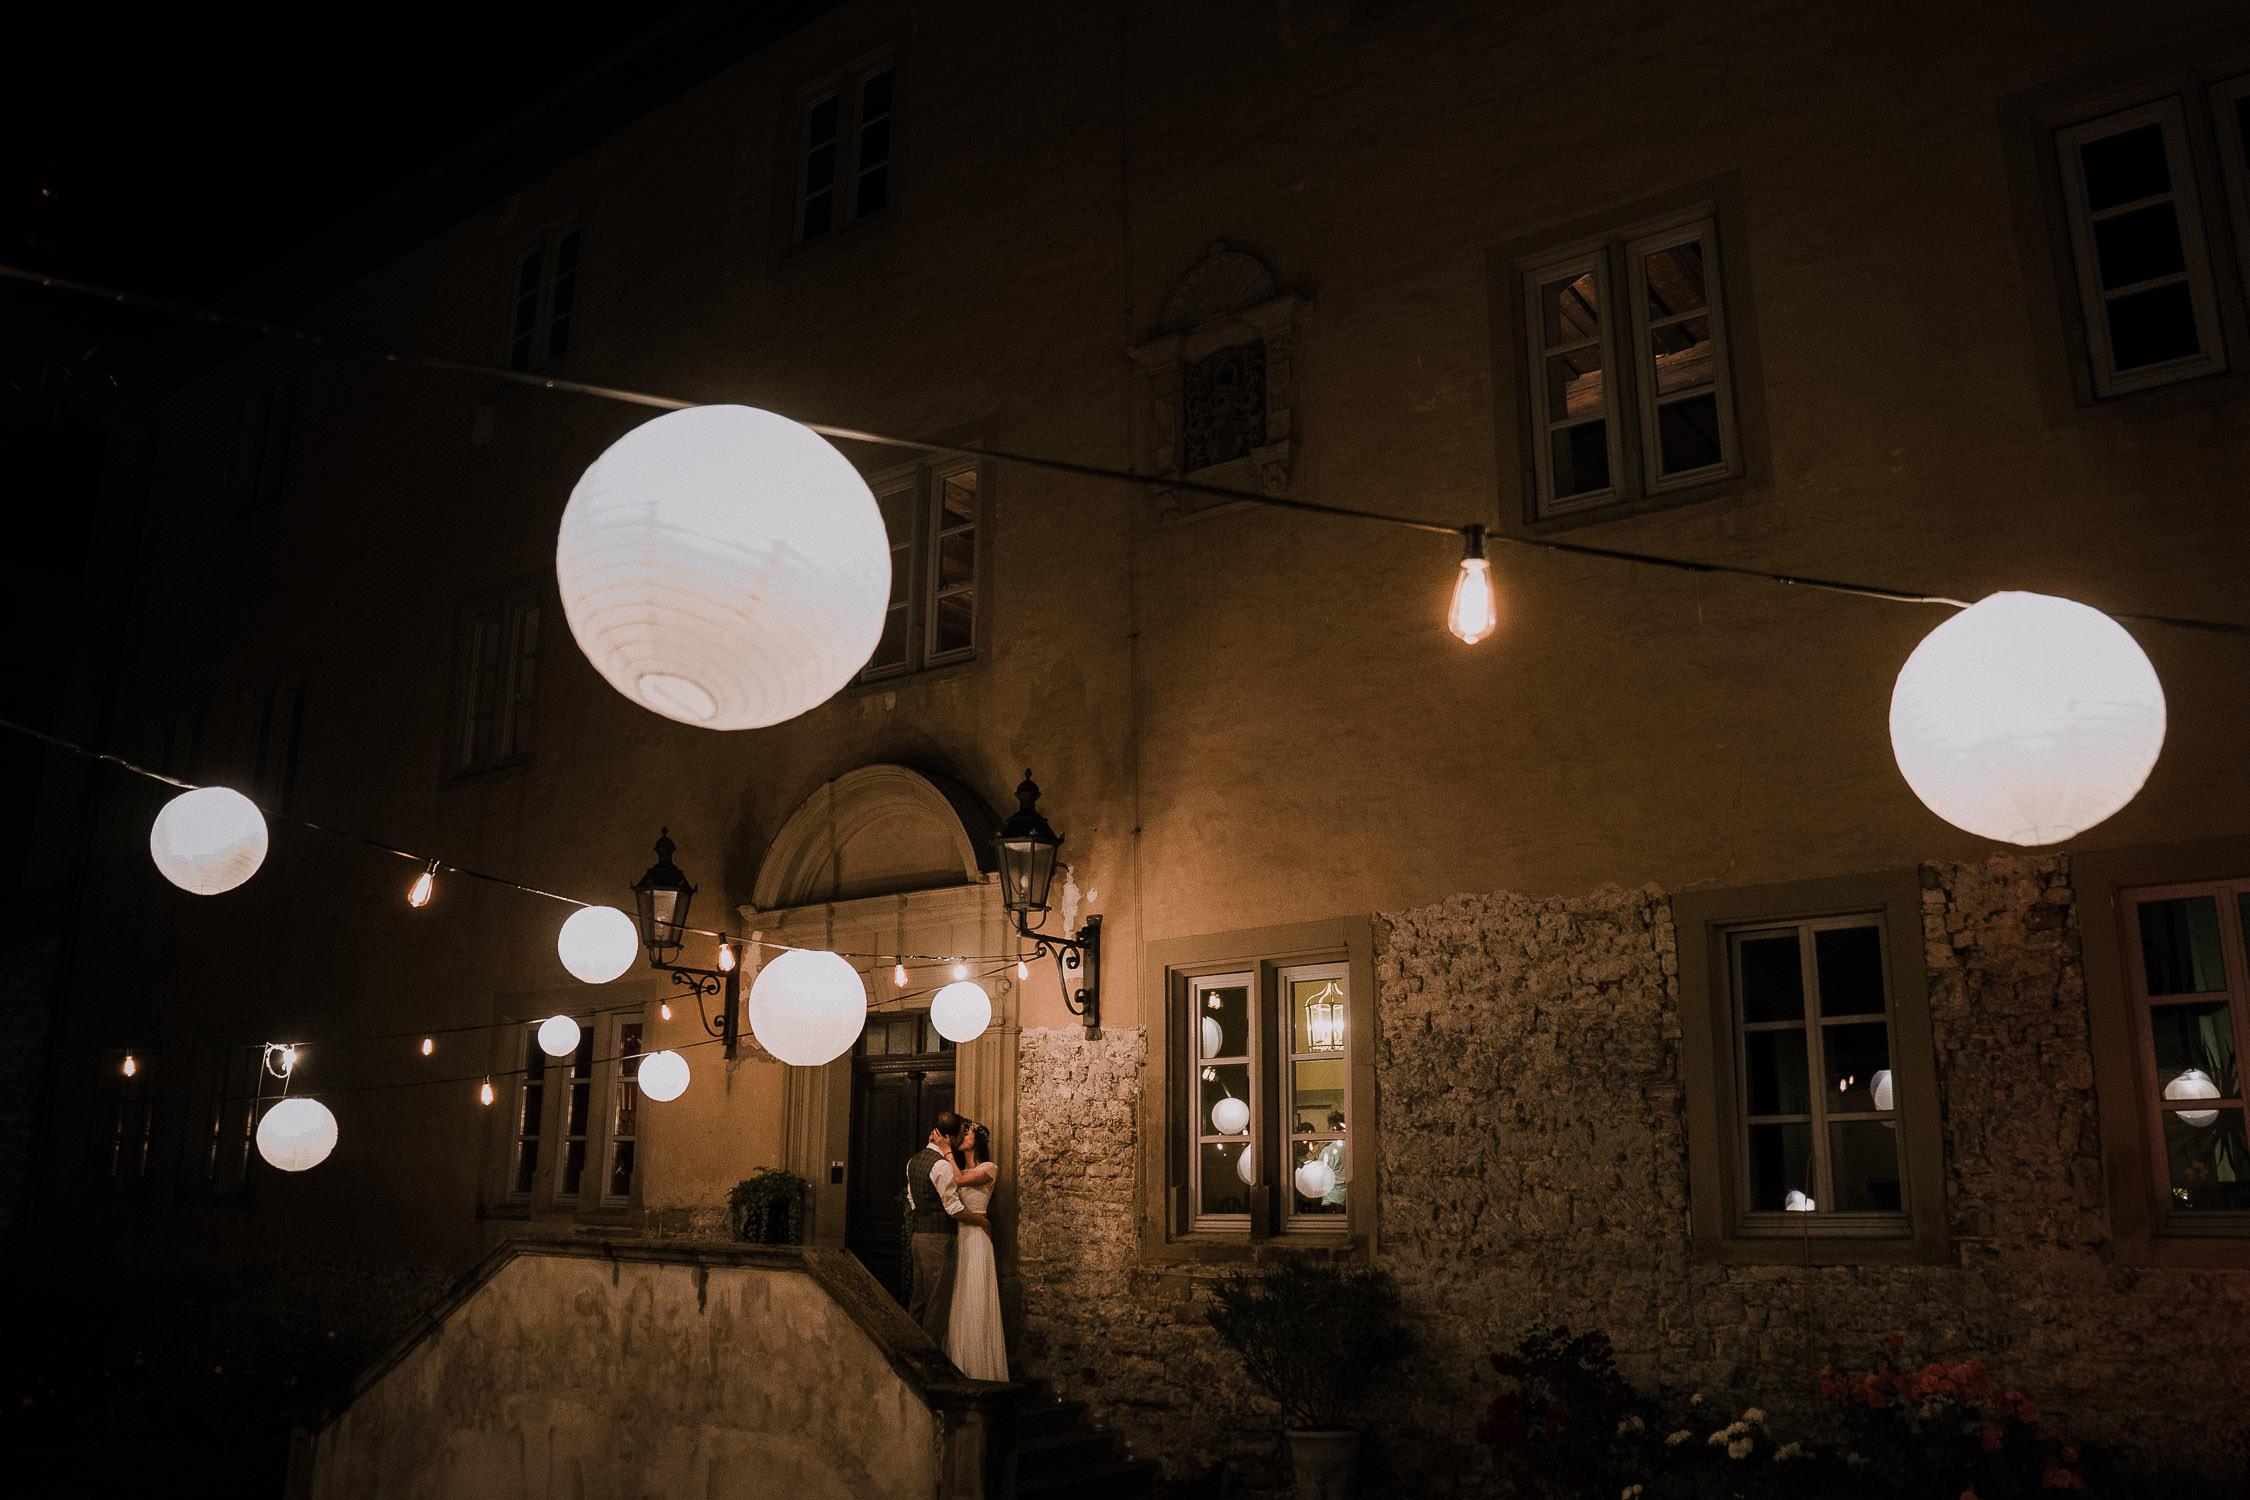 Die Burg Arnstein ist die perfekte Hochzeitslocation für eine freie Trauung und anschließender Feier. Der Hochzeitsfotograf aus Wuerzburg hat diese tolle Hochzeit begleitet. Natürliche und echte Hochzeitsbilder und Ganztagesreportagen von Axel Link.